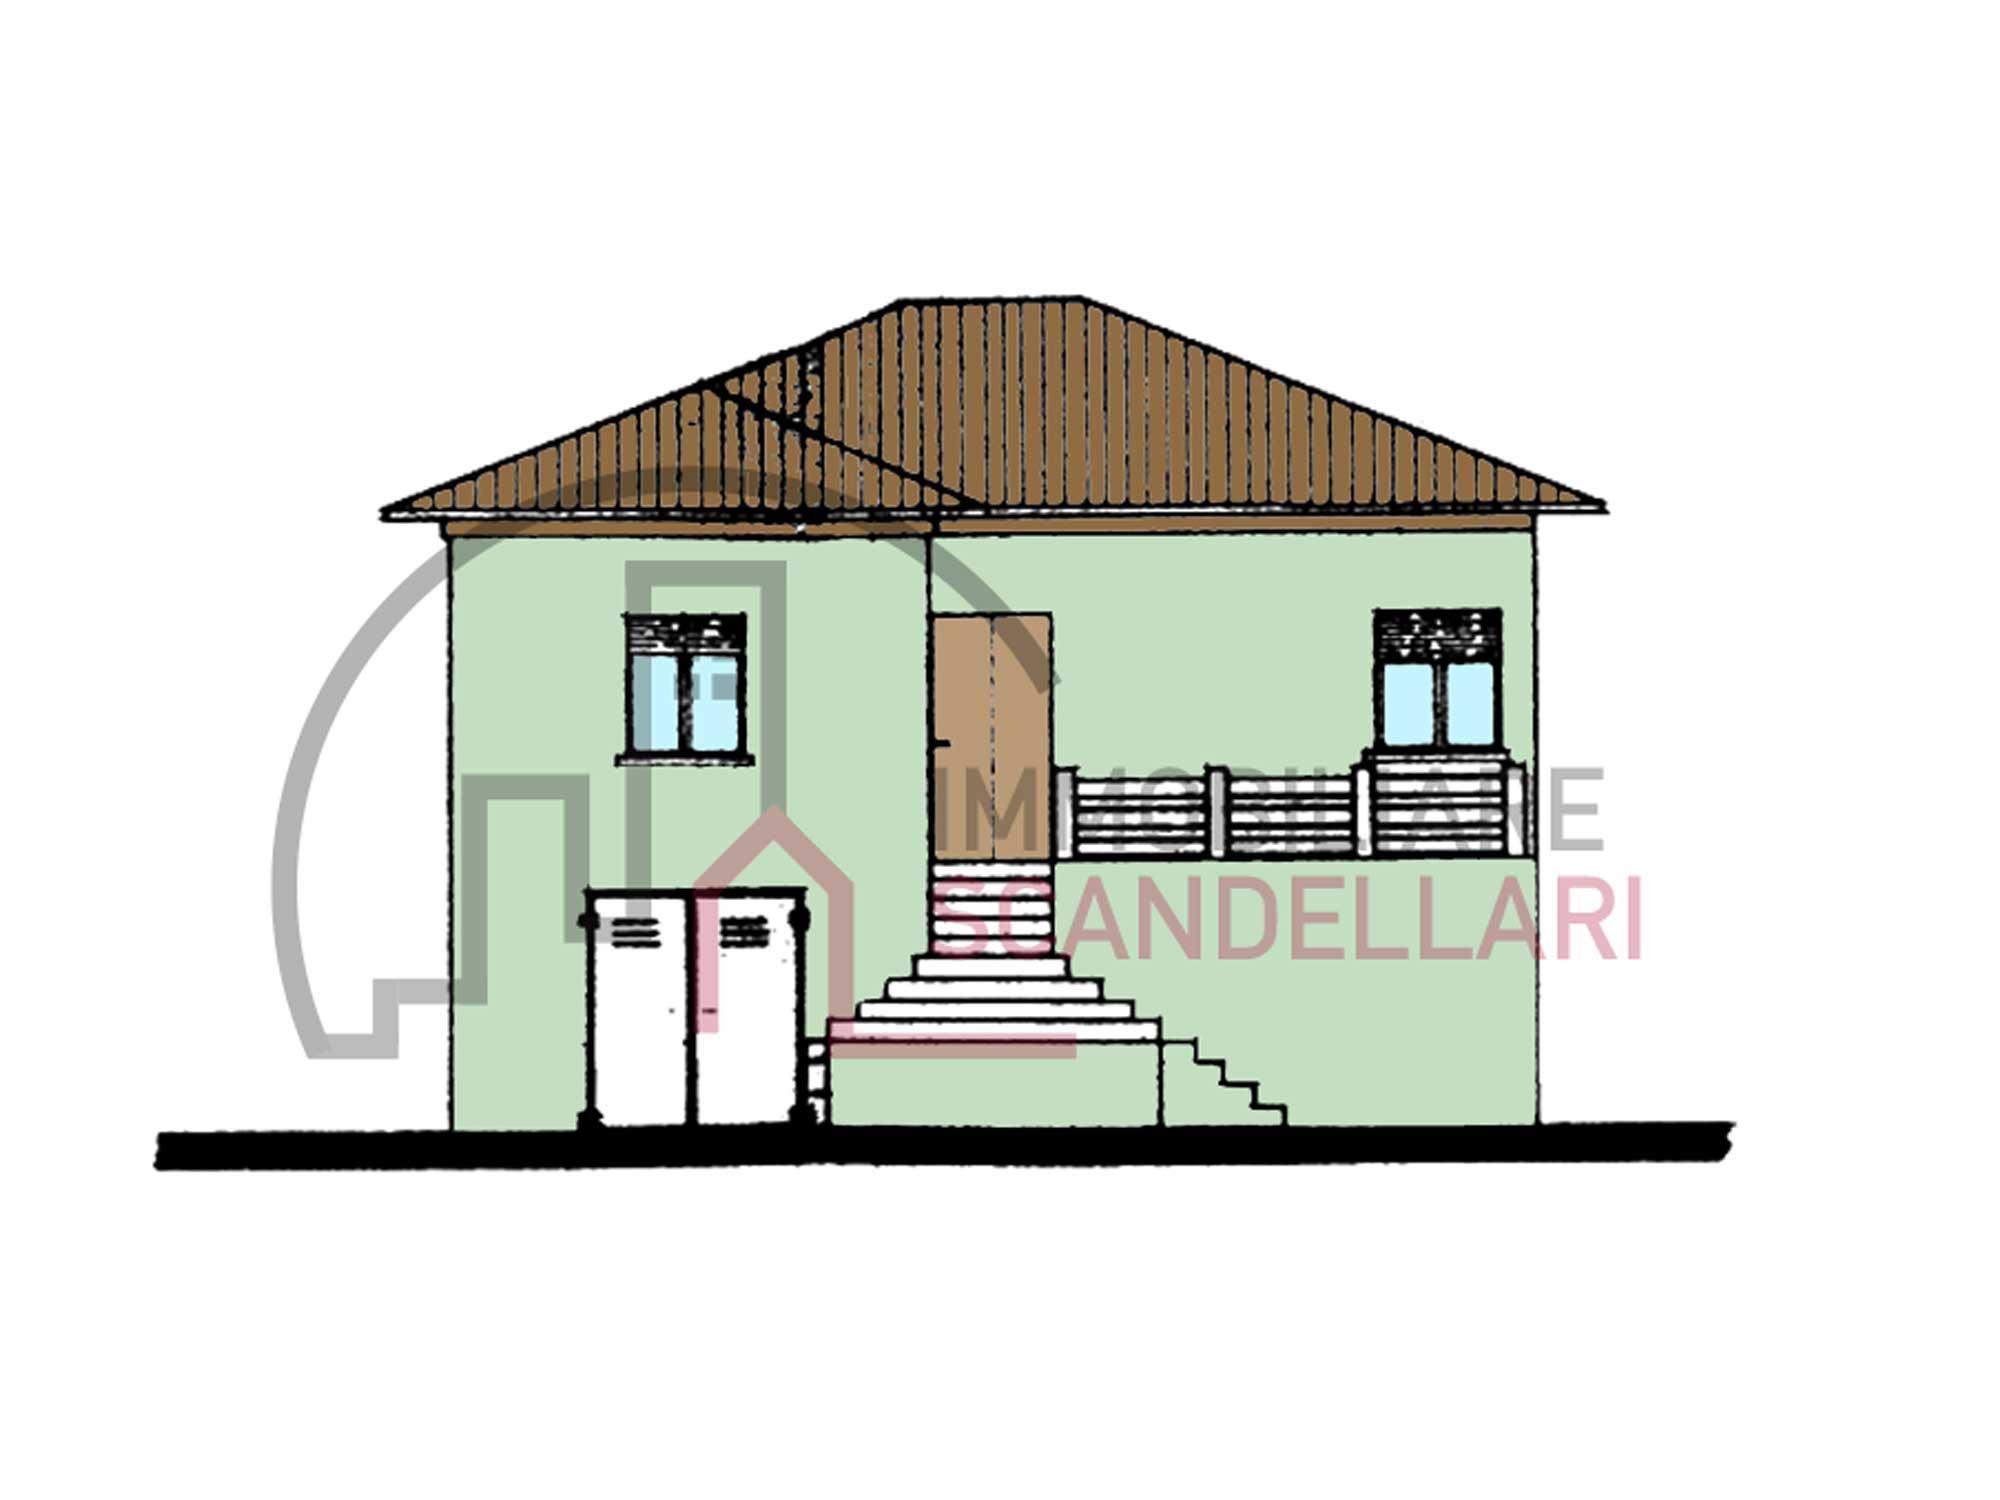 Rimini - San Giuliano Villetta bifamiliare - Immobiliare Scandellari